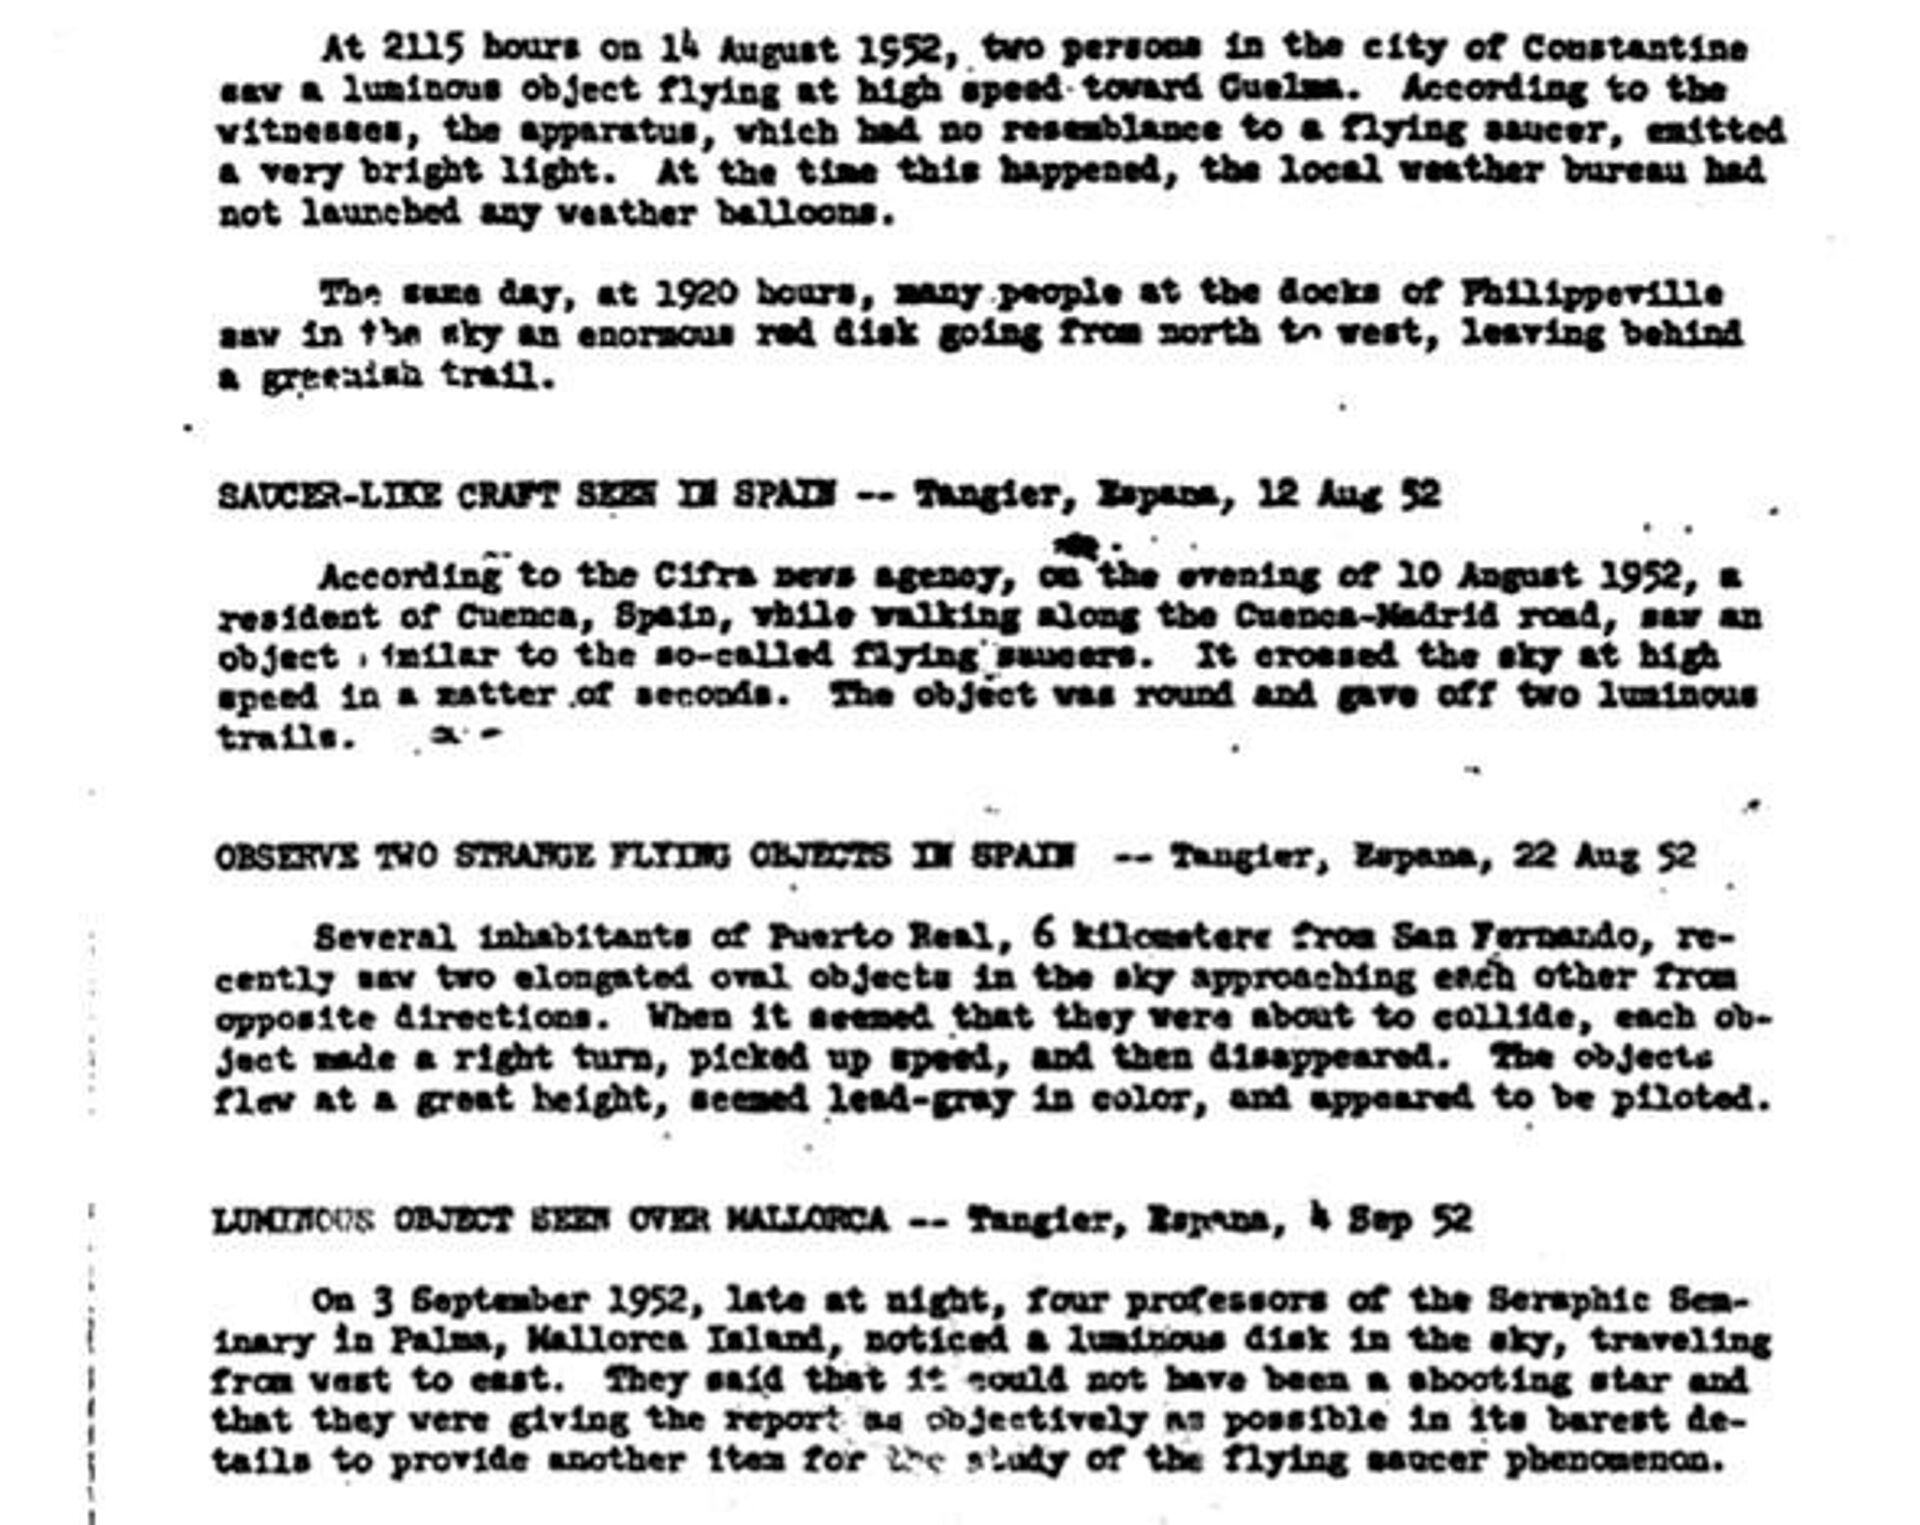 Un fragmento del informe de la CIA sobre los acontecimientos en Cádiz en 1952 - Sputnik Mundo, 1920, 17.03.2021